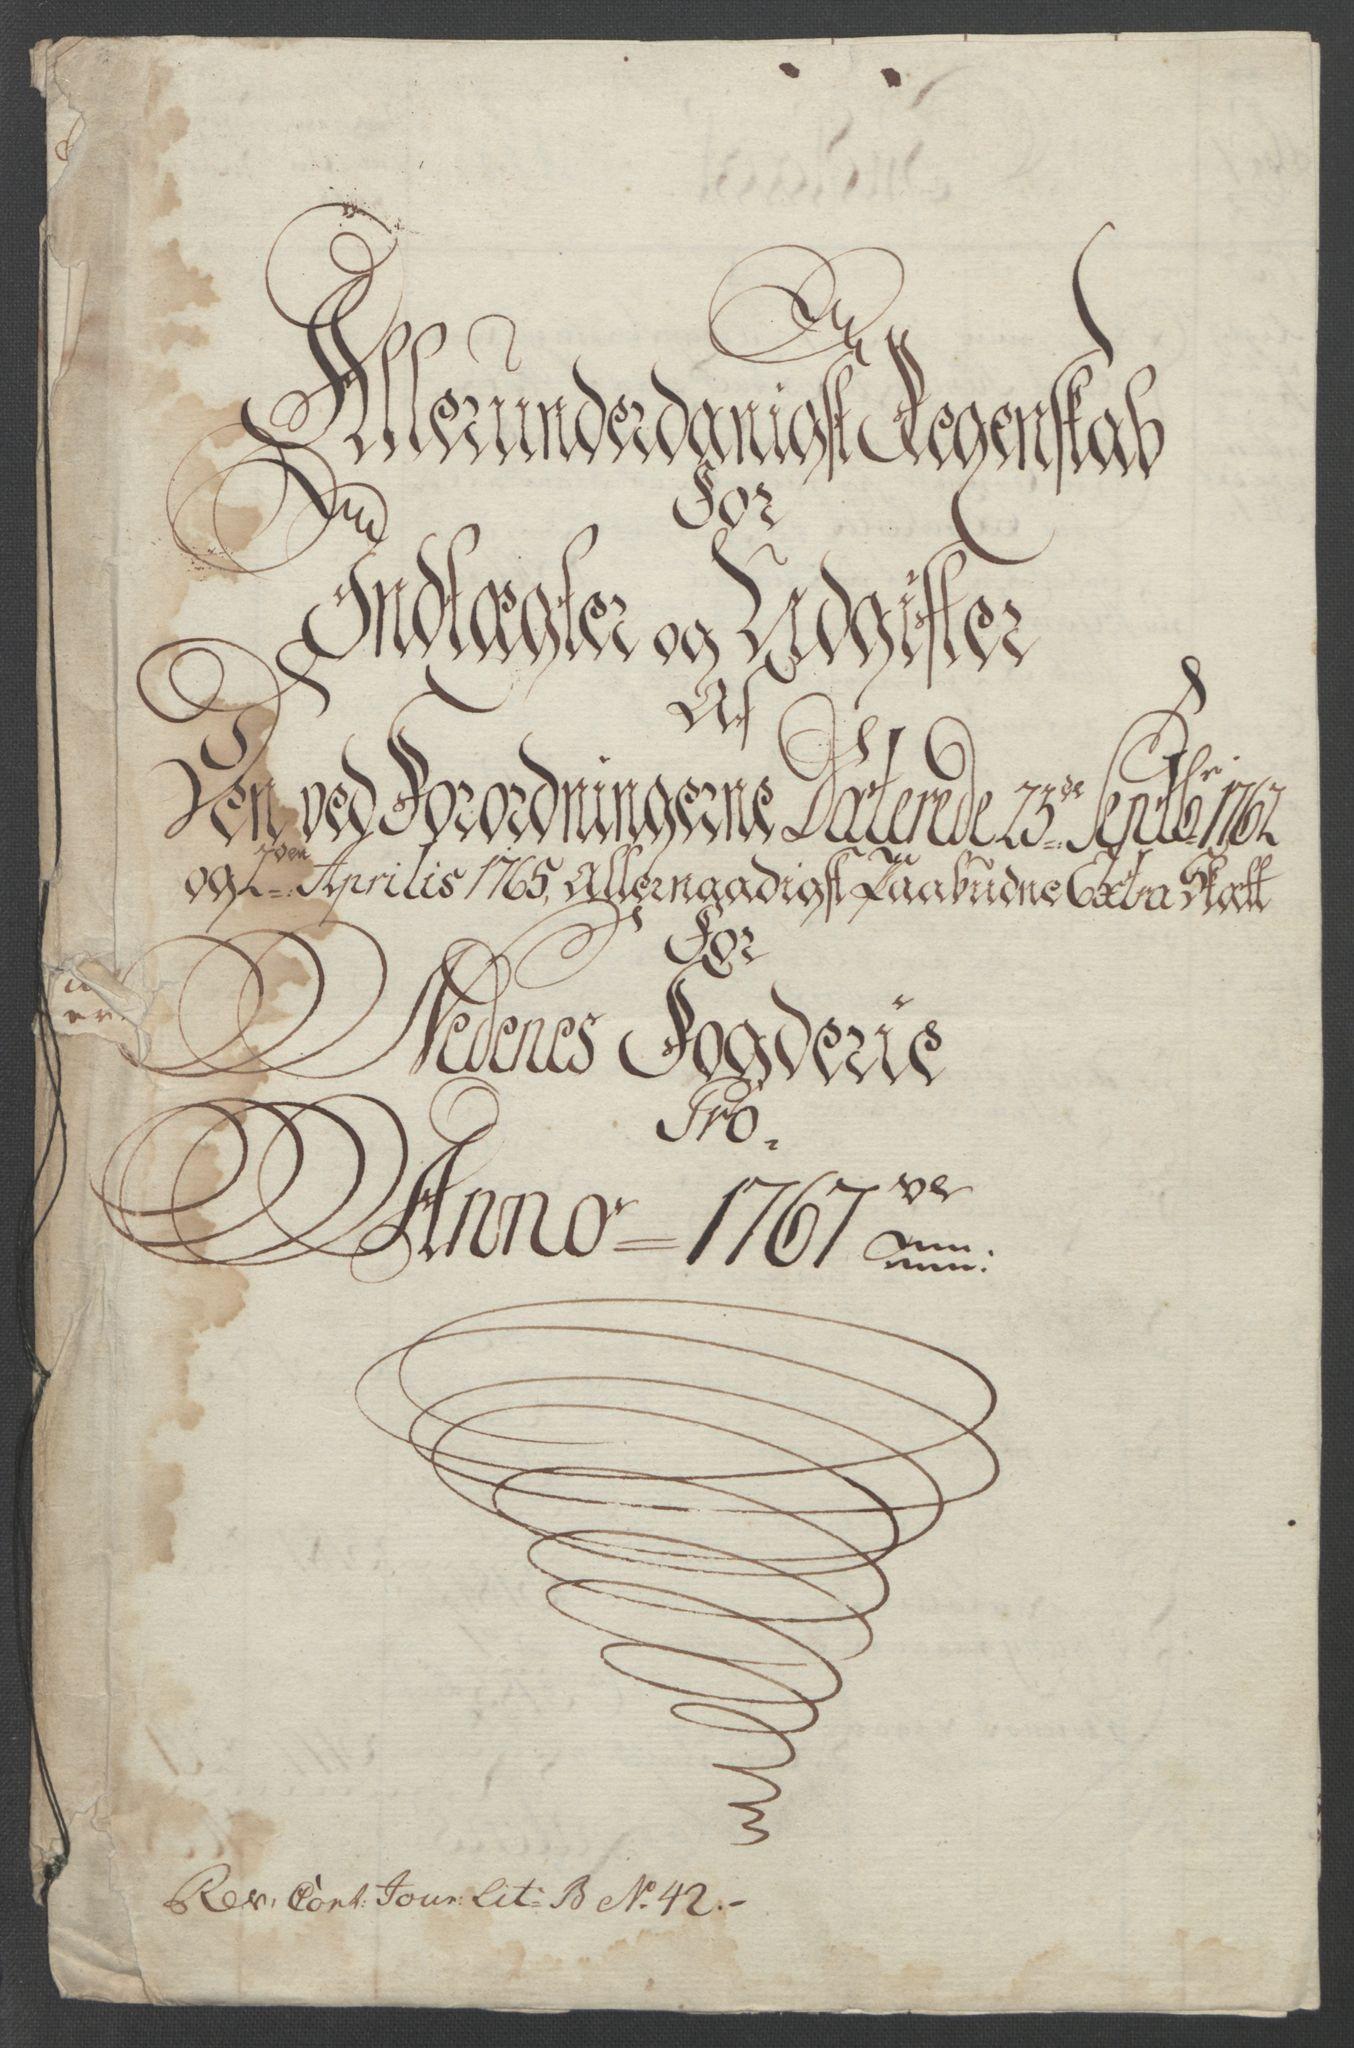 RA, Rentekammeret inntil 1814, Reviderte regnskaper, Fogderegnskap, R39/L2424: Ekstraskatten Nedenes, 1762-1767, s. 322